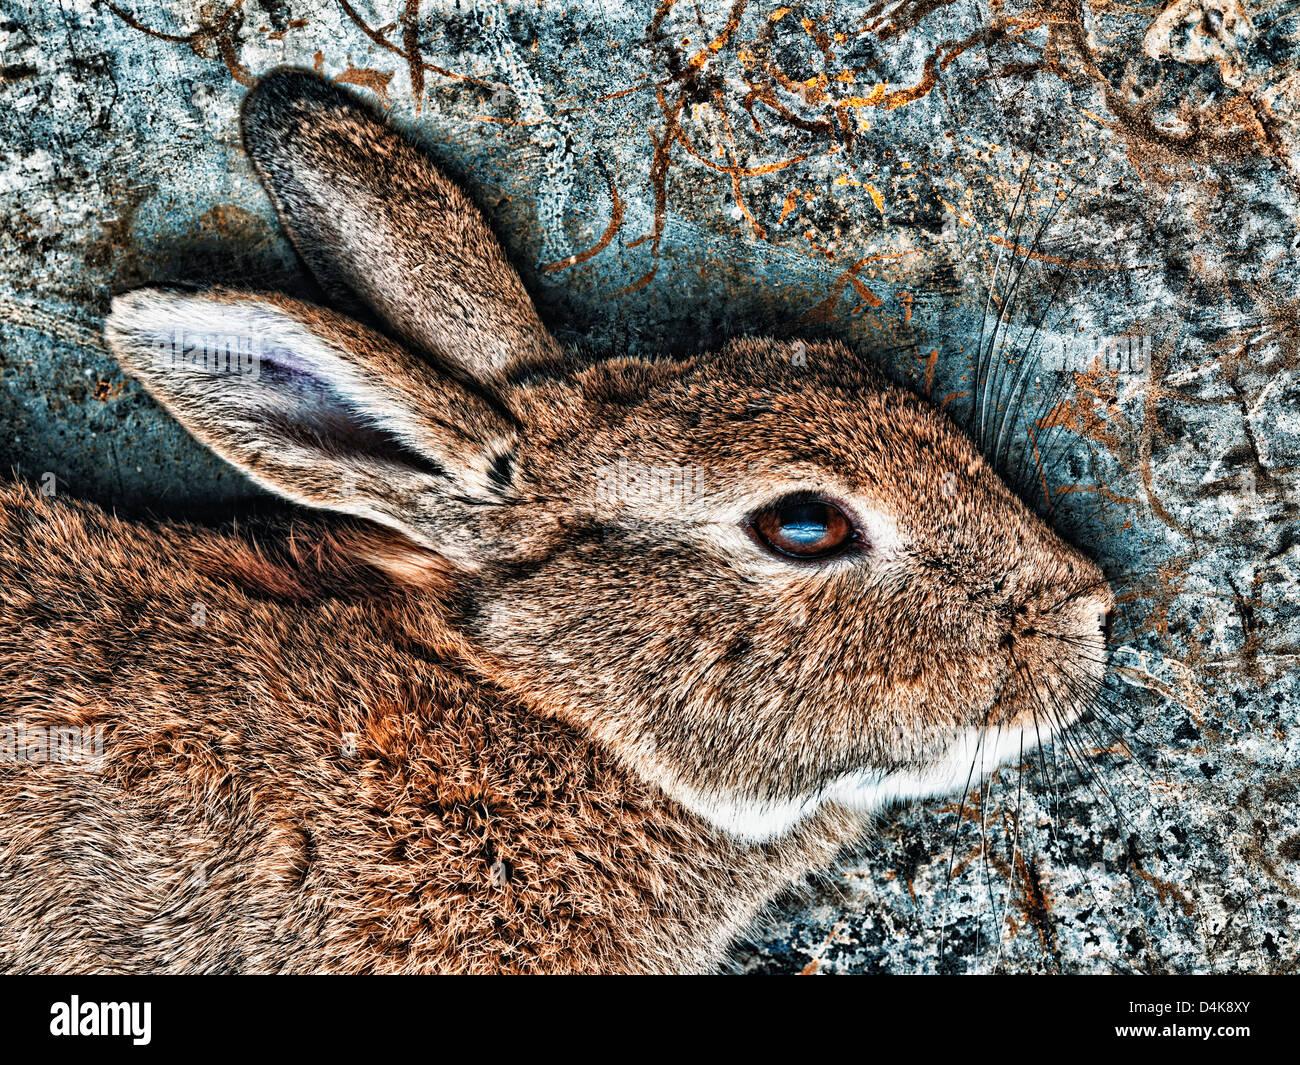 Nahaufnahme eines Kaninchens Gesicht Stockbild